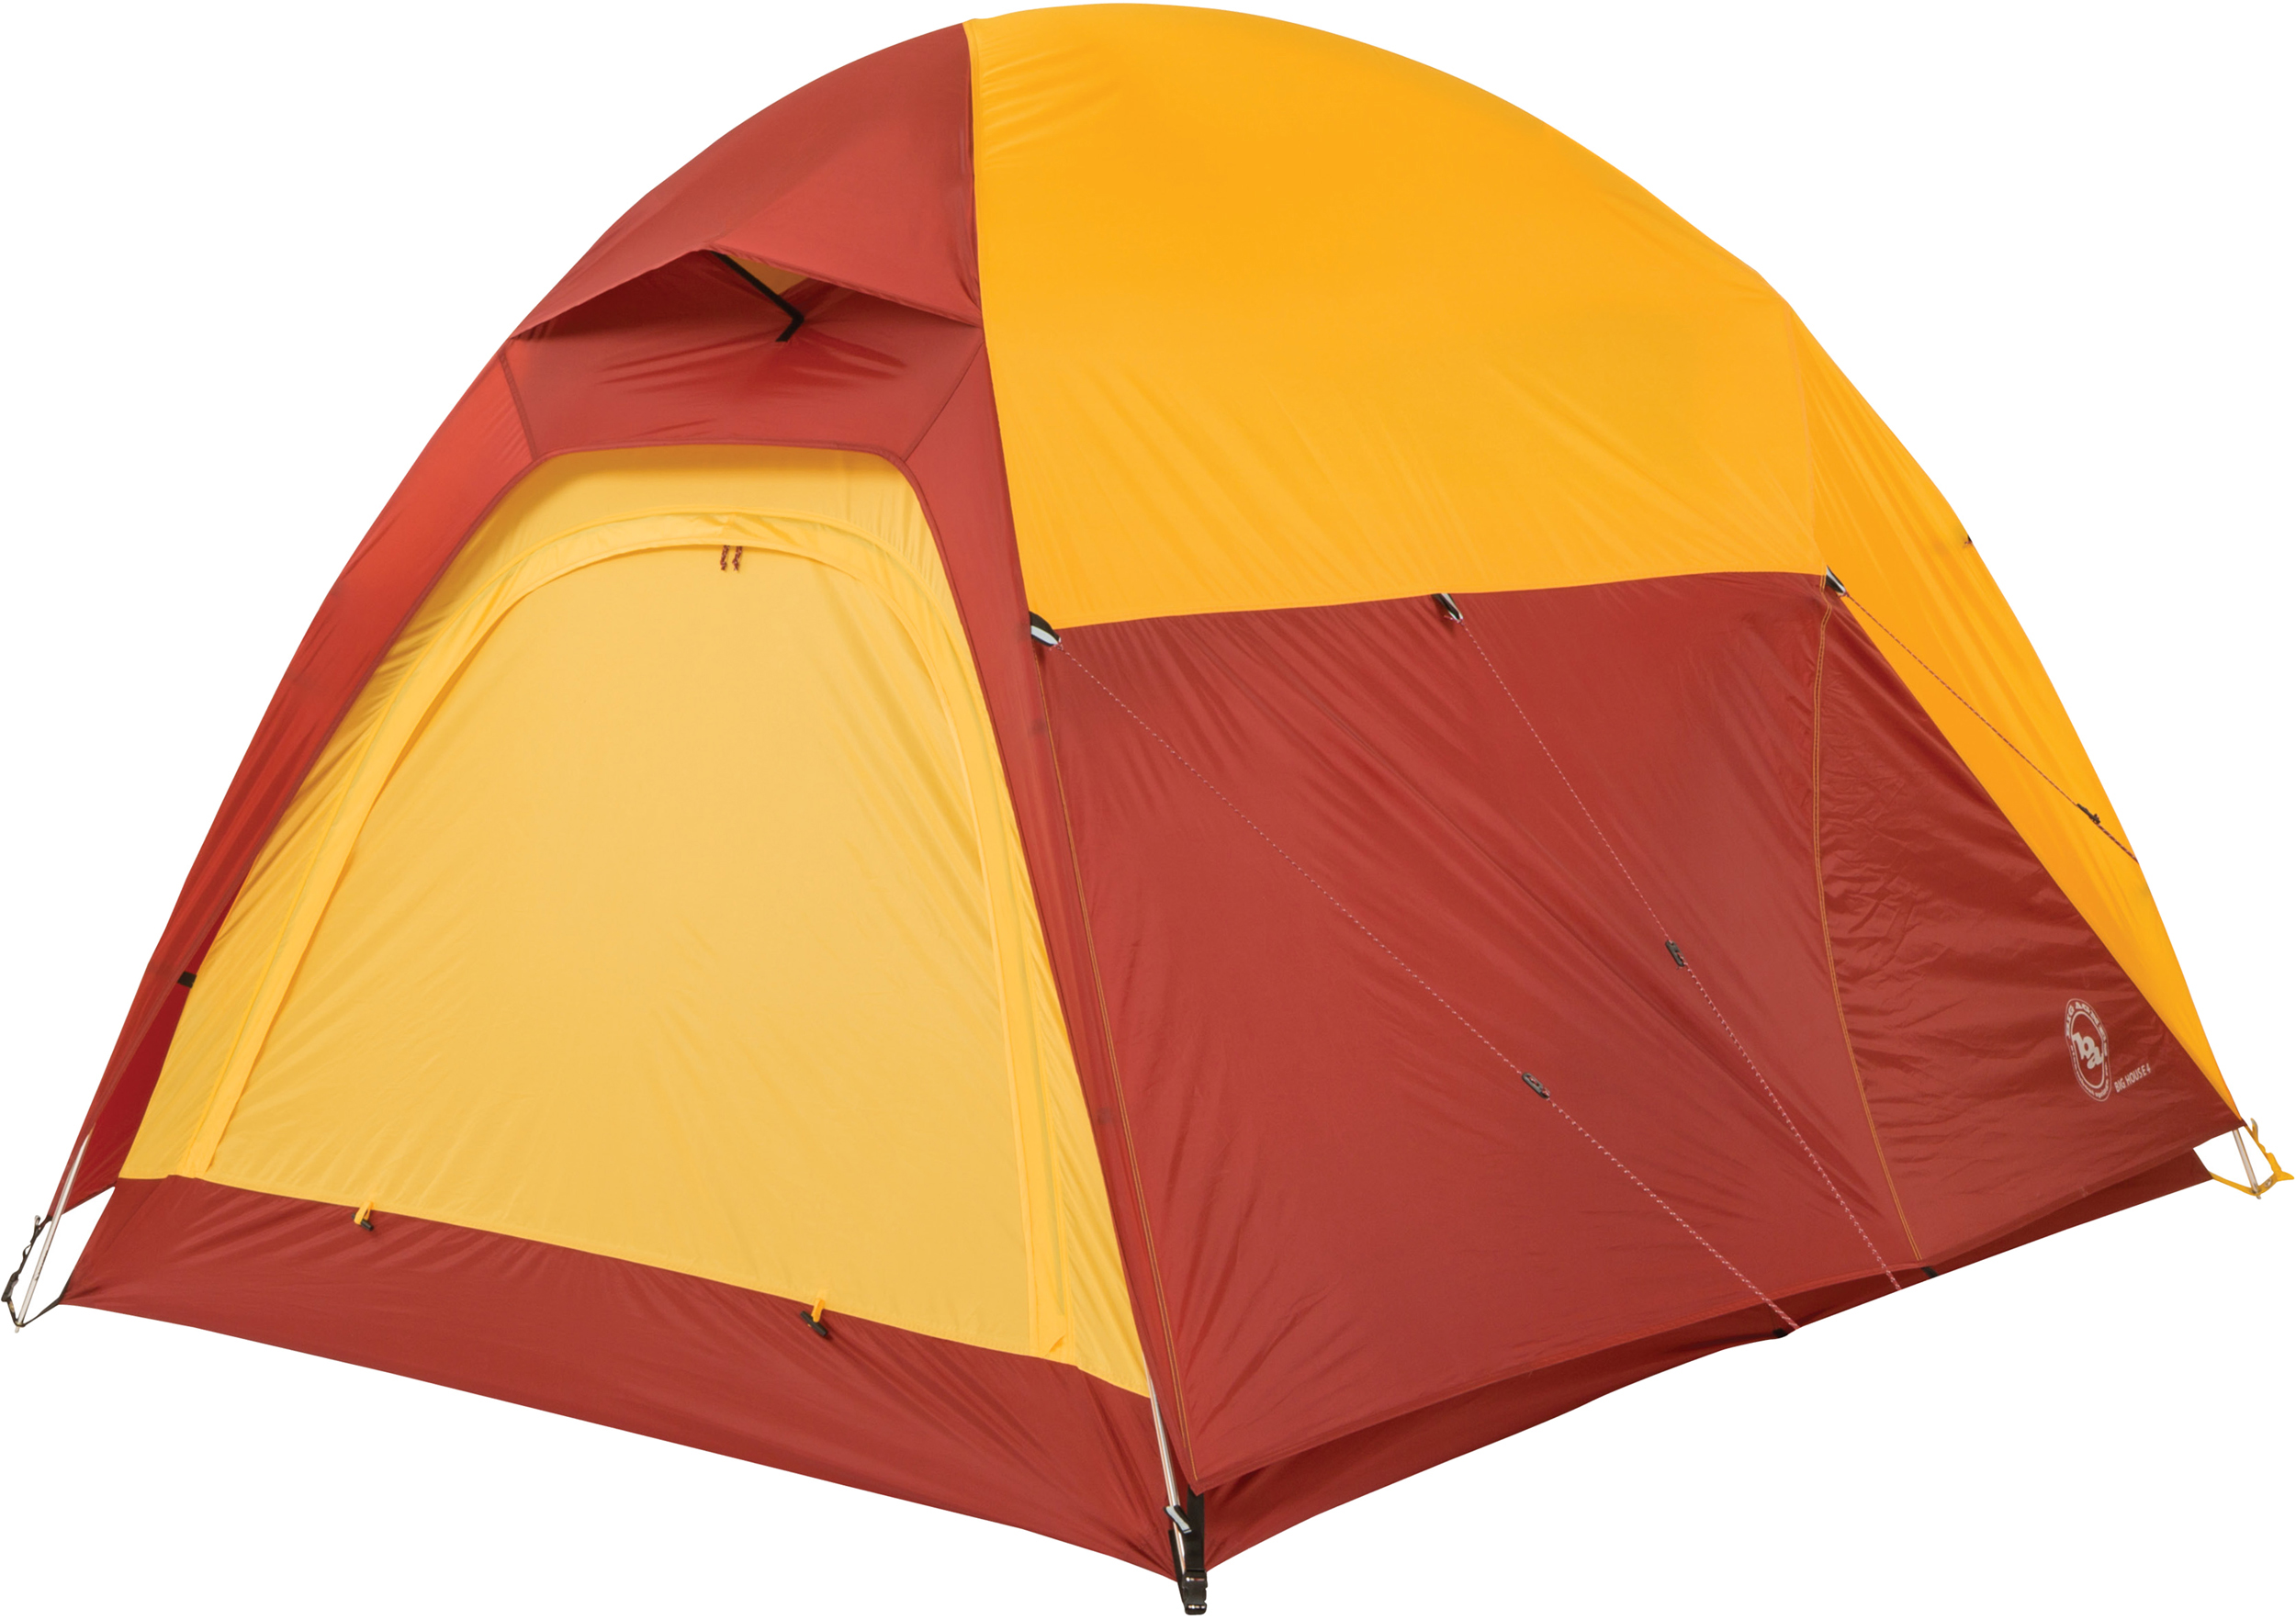 sc 1 st  MEC & Big Agnes Big House 6 Tent